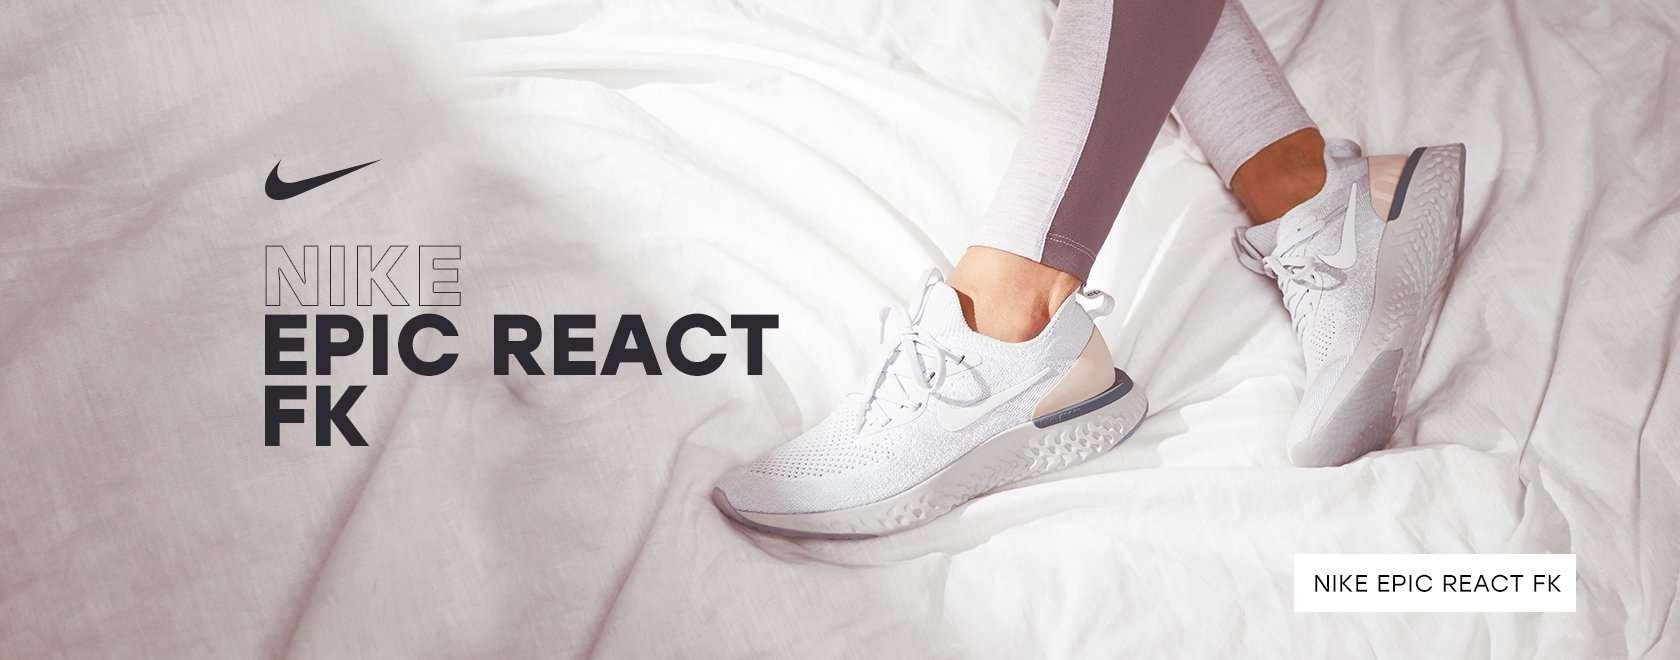 nike-epic-react